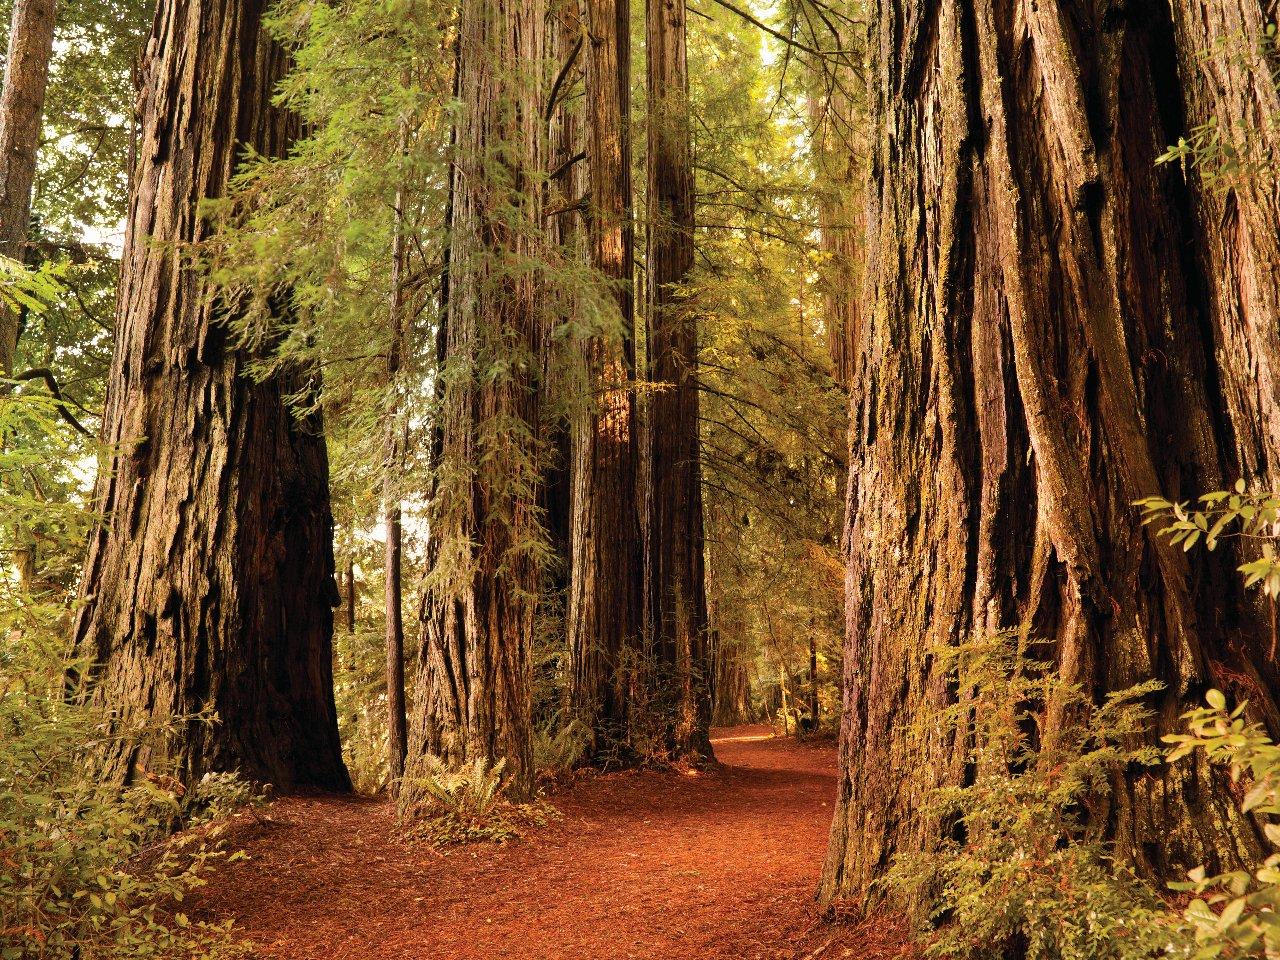 etats-unis-redwood-national-park-c-pgiam